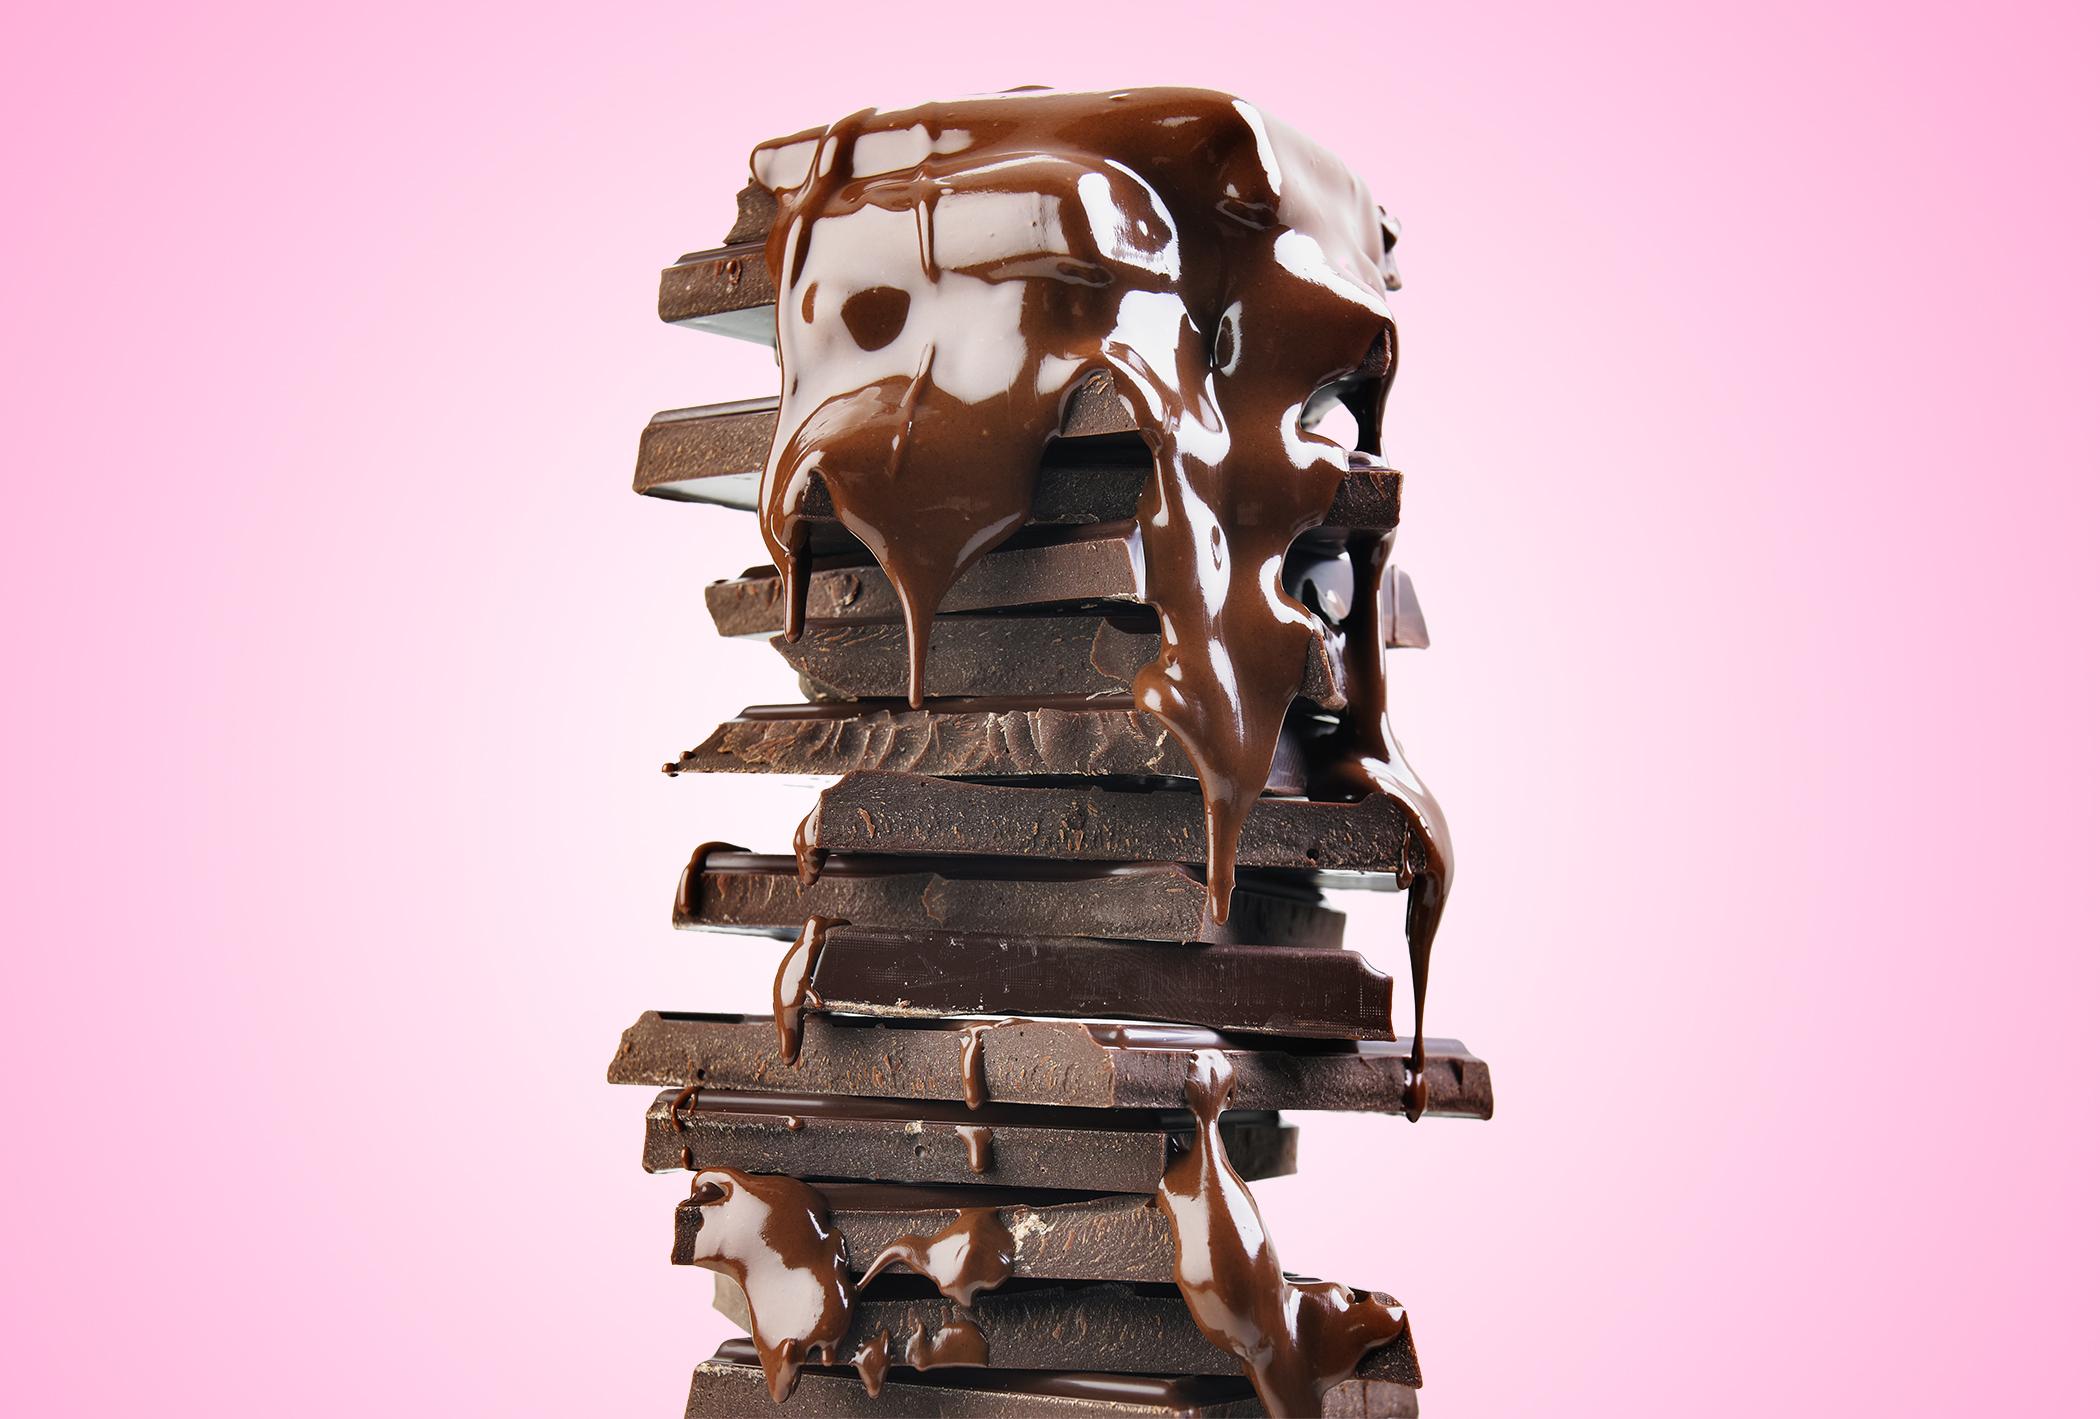 160324_EM_Easter_ChocolateSpending